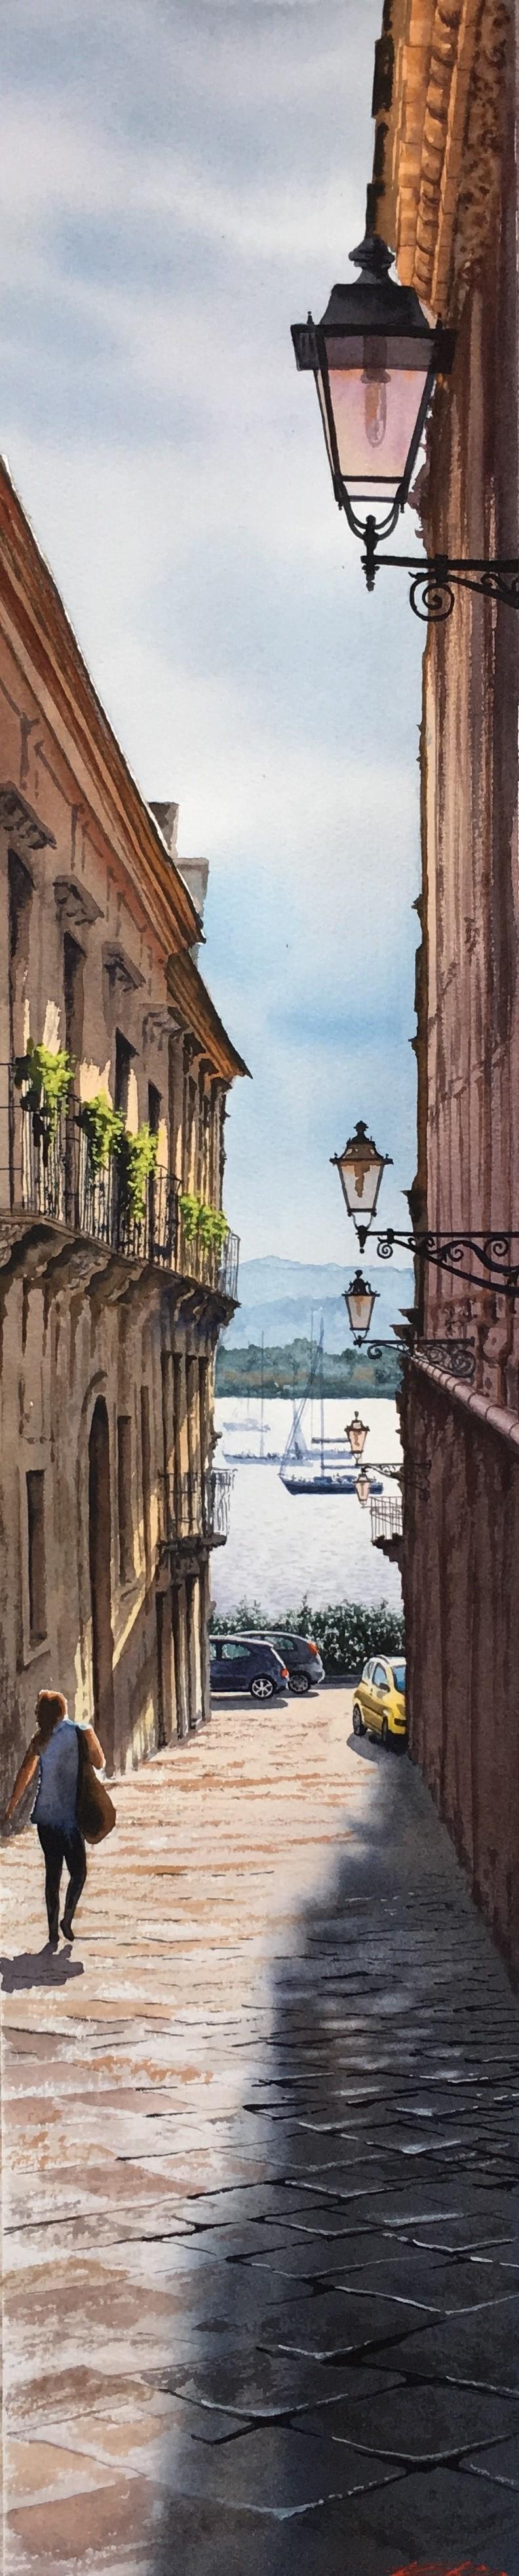 Siracusa. Sicilia. Italy